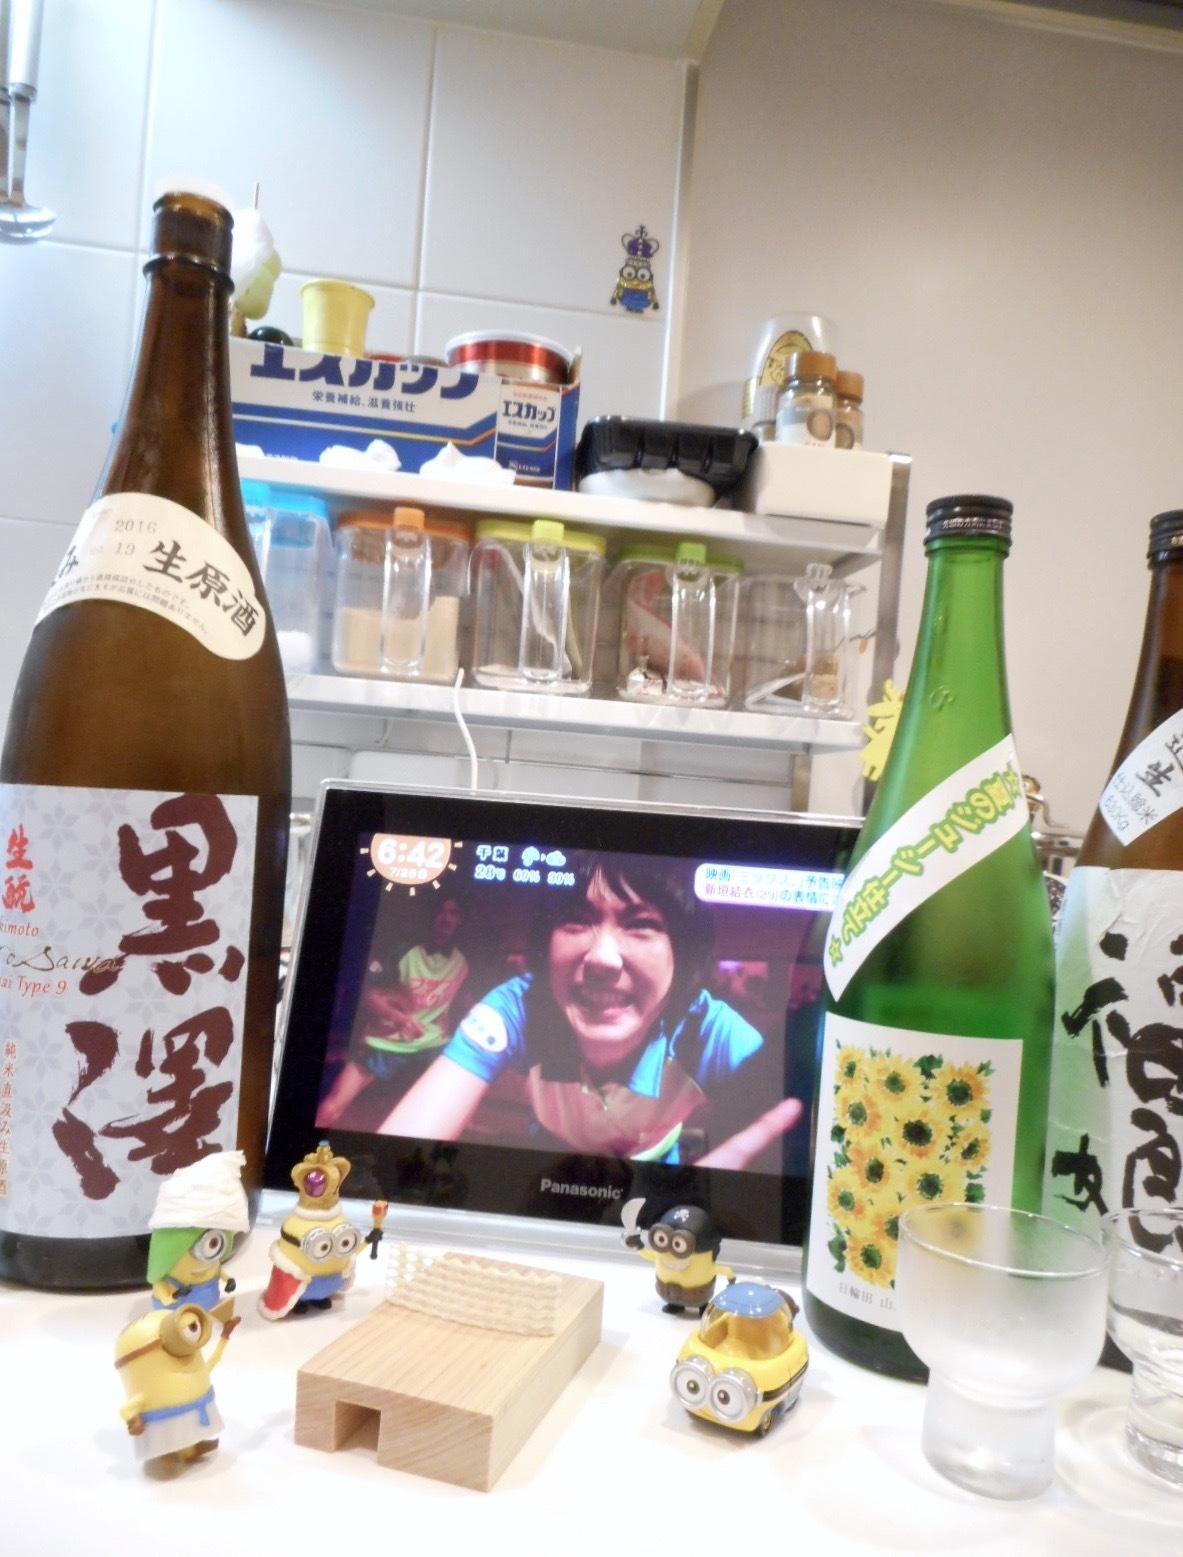 kurosawa_type9_28by16.jpg